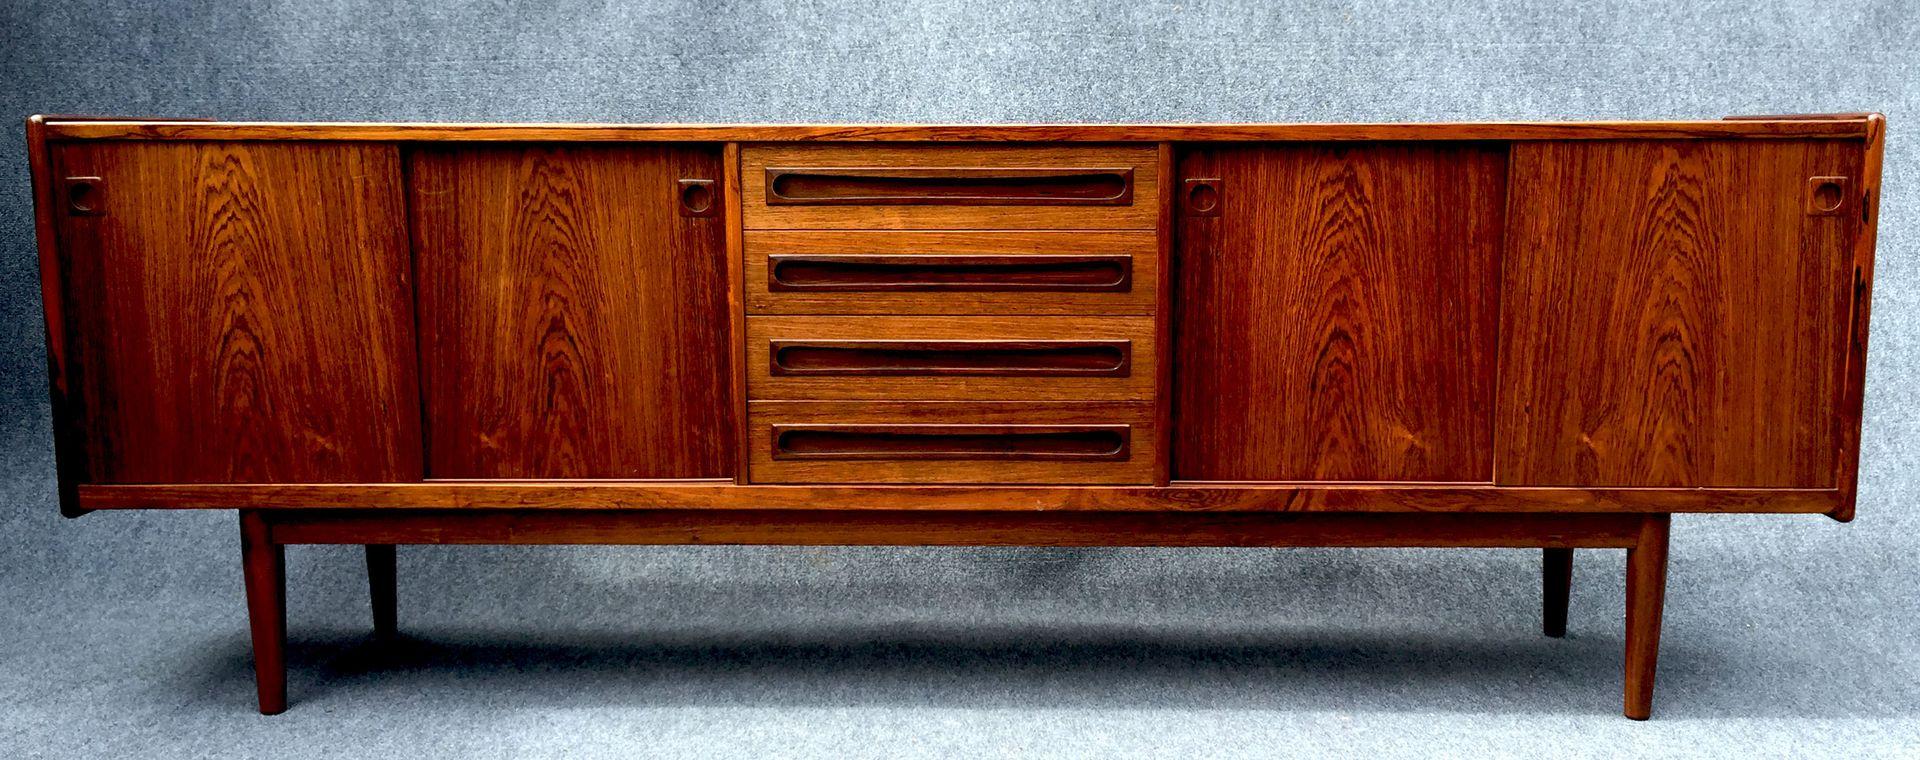 gro es d nisches palisander sideboard bei pamono kaufen. Black Bedroom Furniture Sets. Home Design Ideas